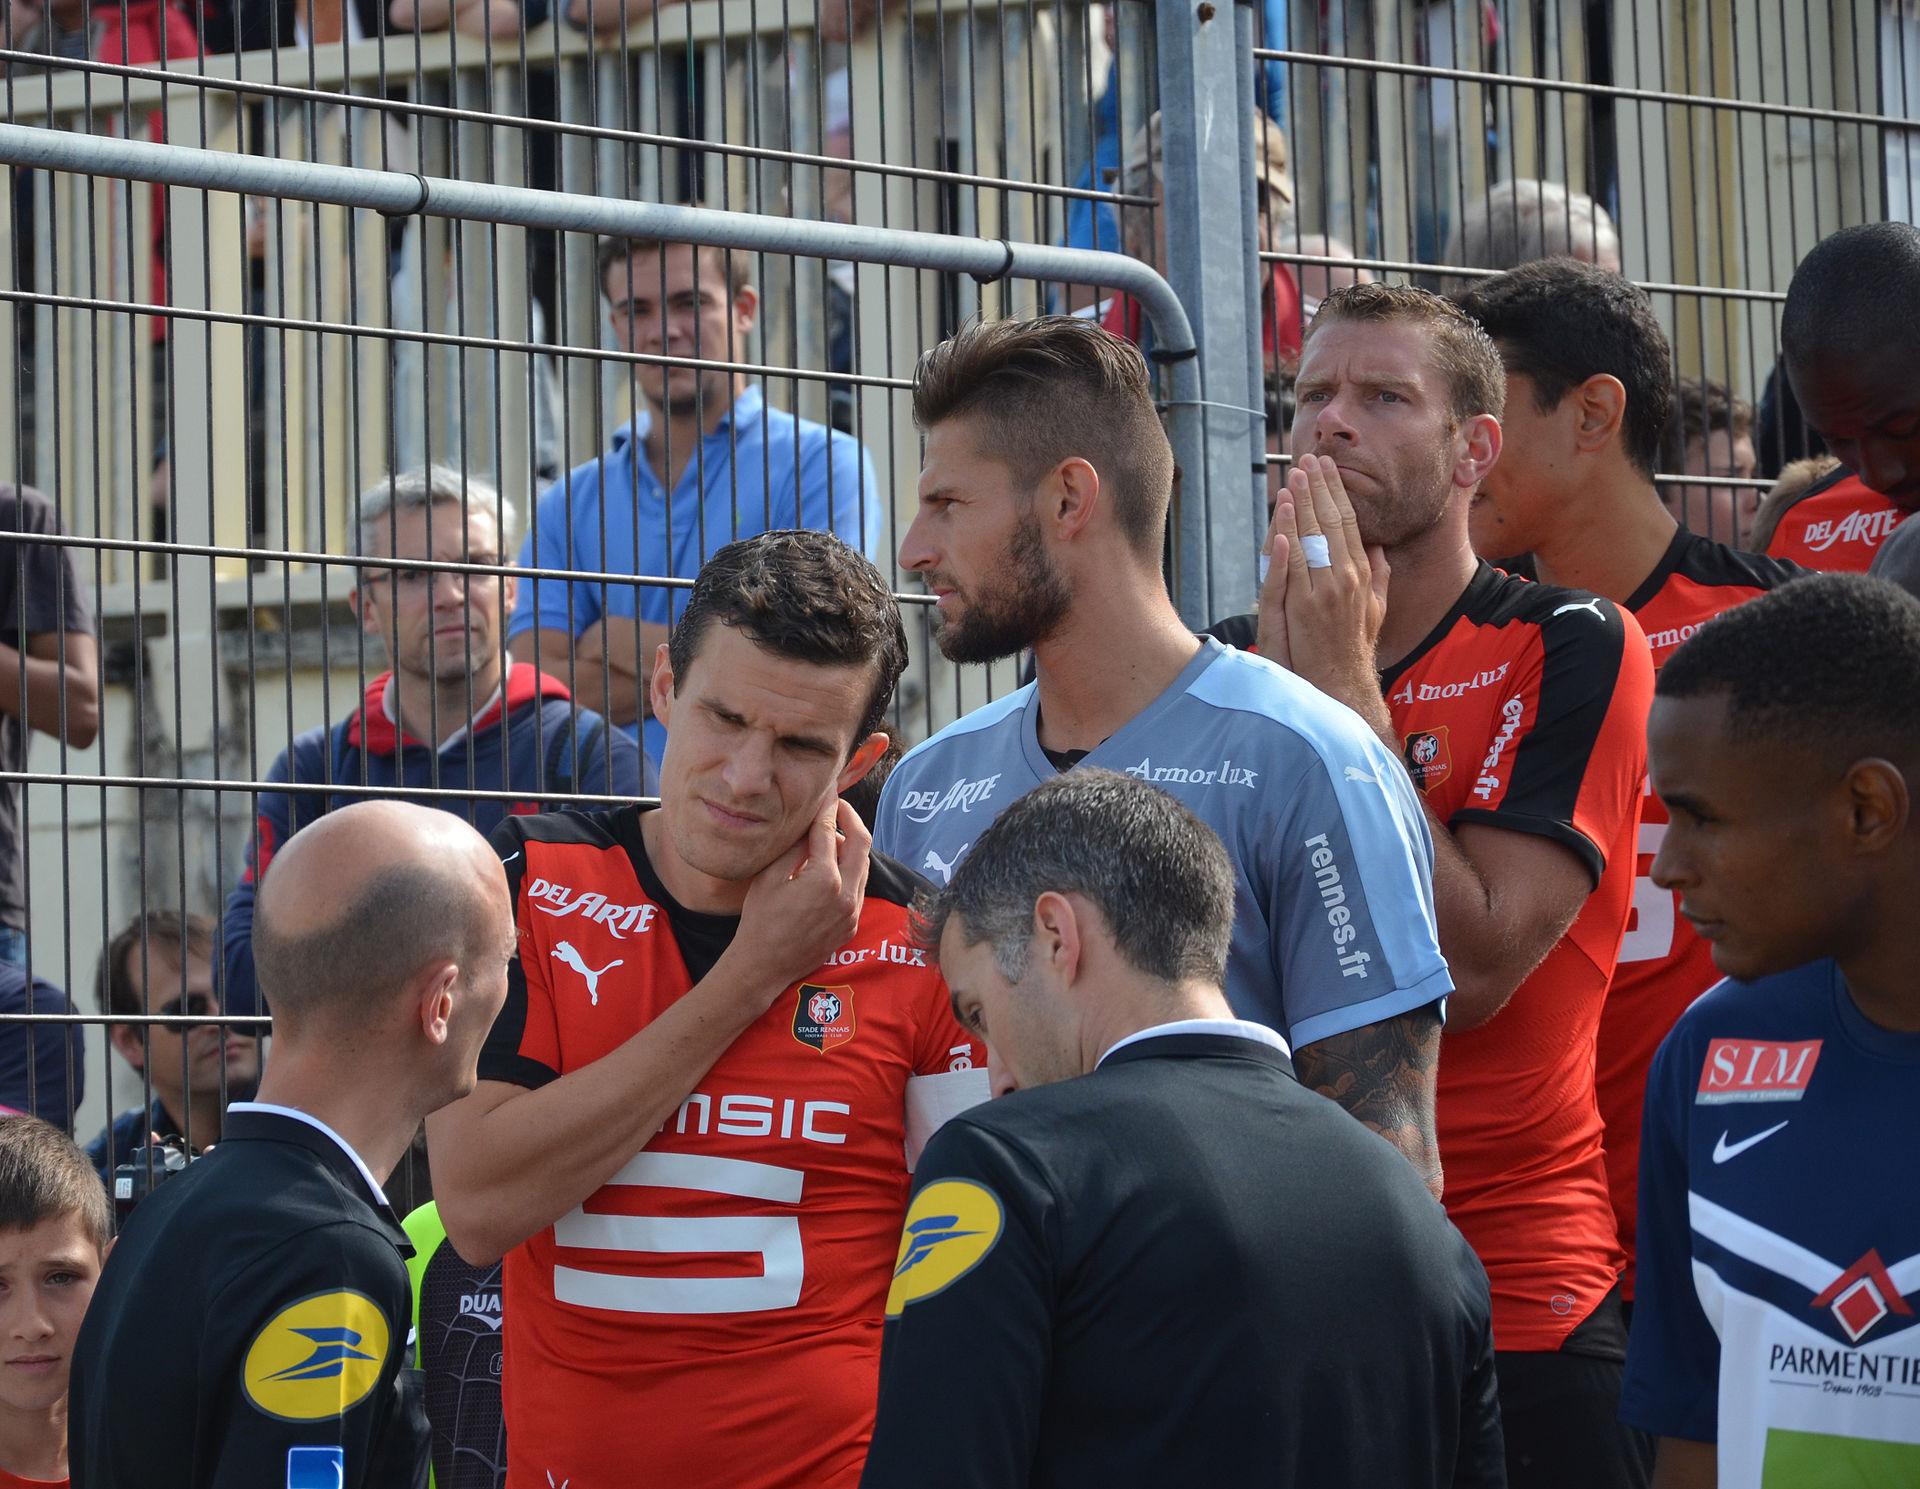 F4M France Football - Annonces, joueurs libres, etc